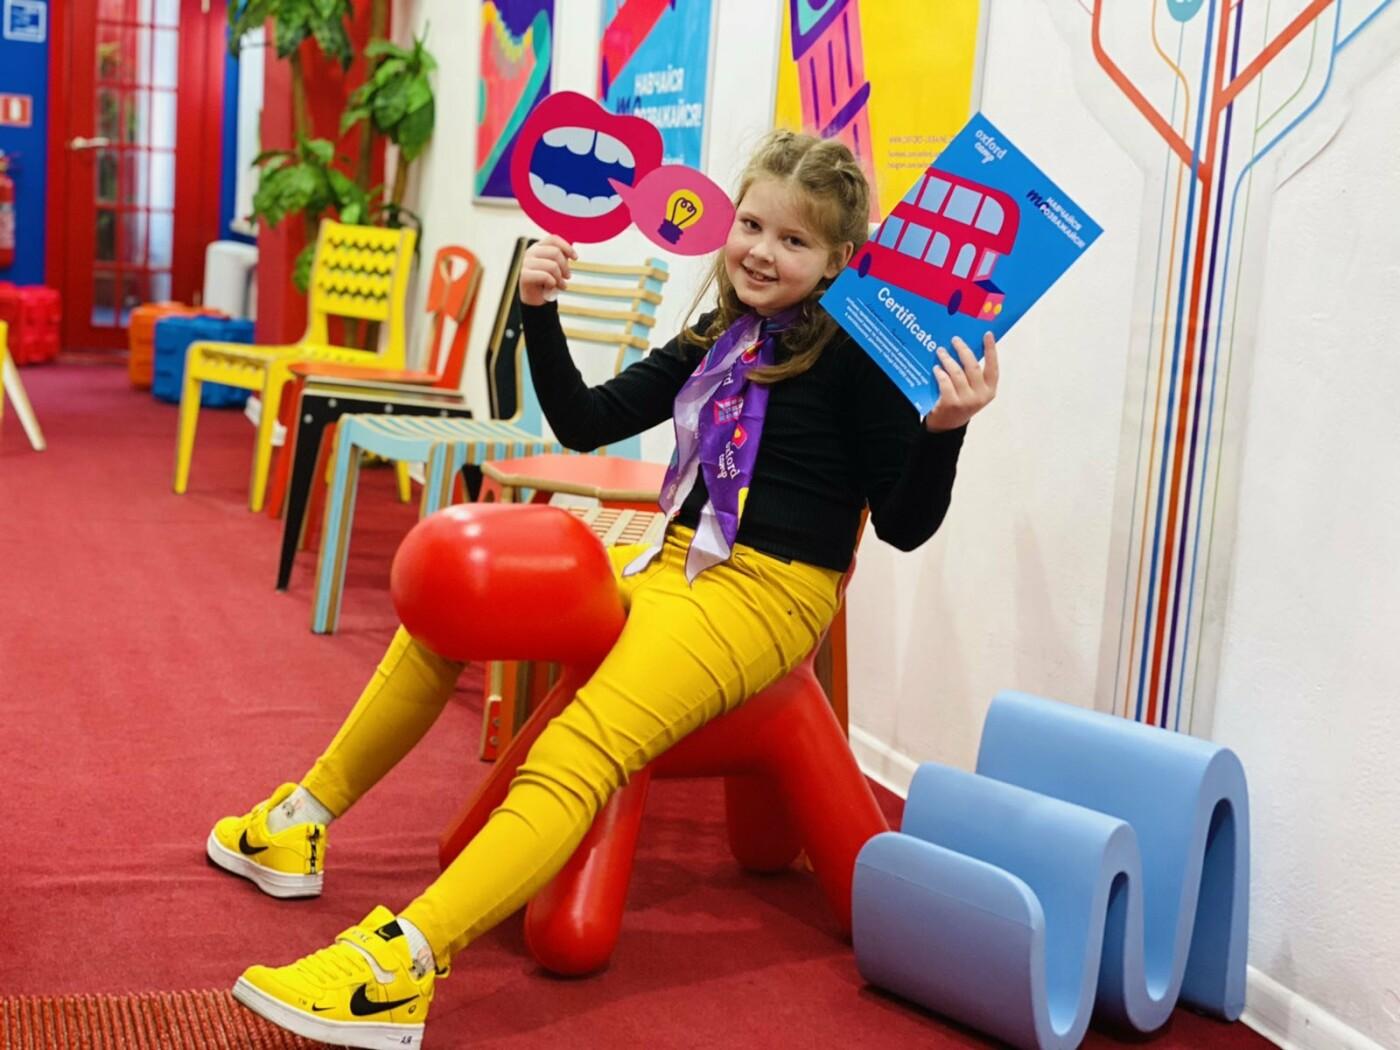 Незабываемые английские каникулы для детей 6-15 лет! (*Акция до 20 мая 2021 г.), фото-3